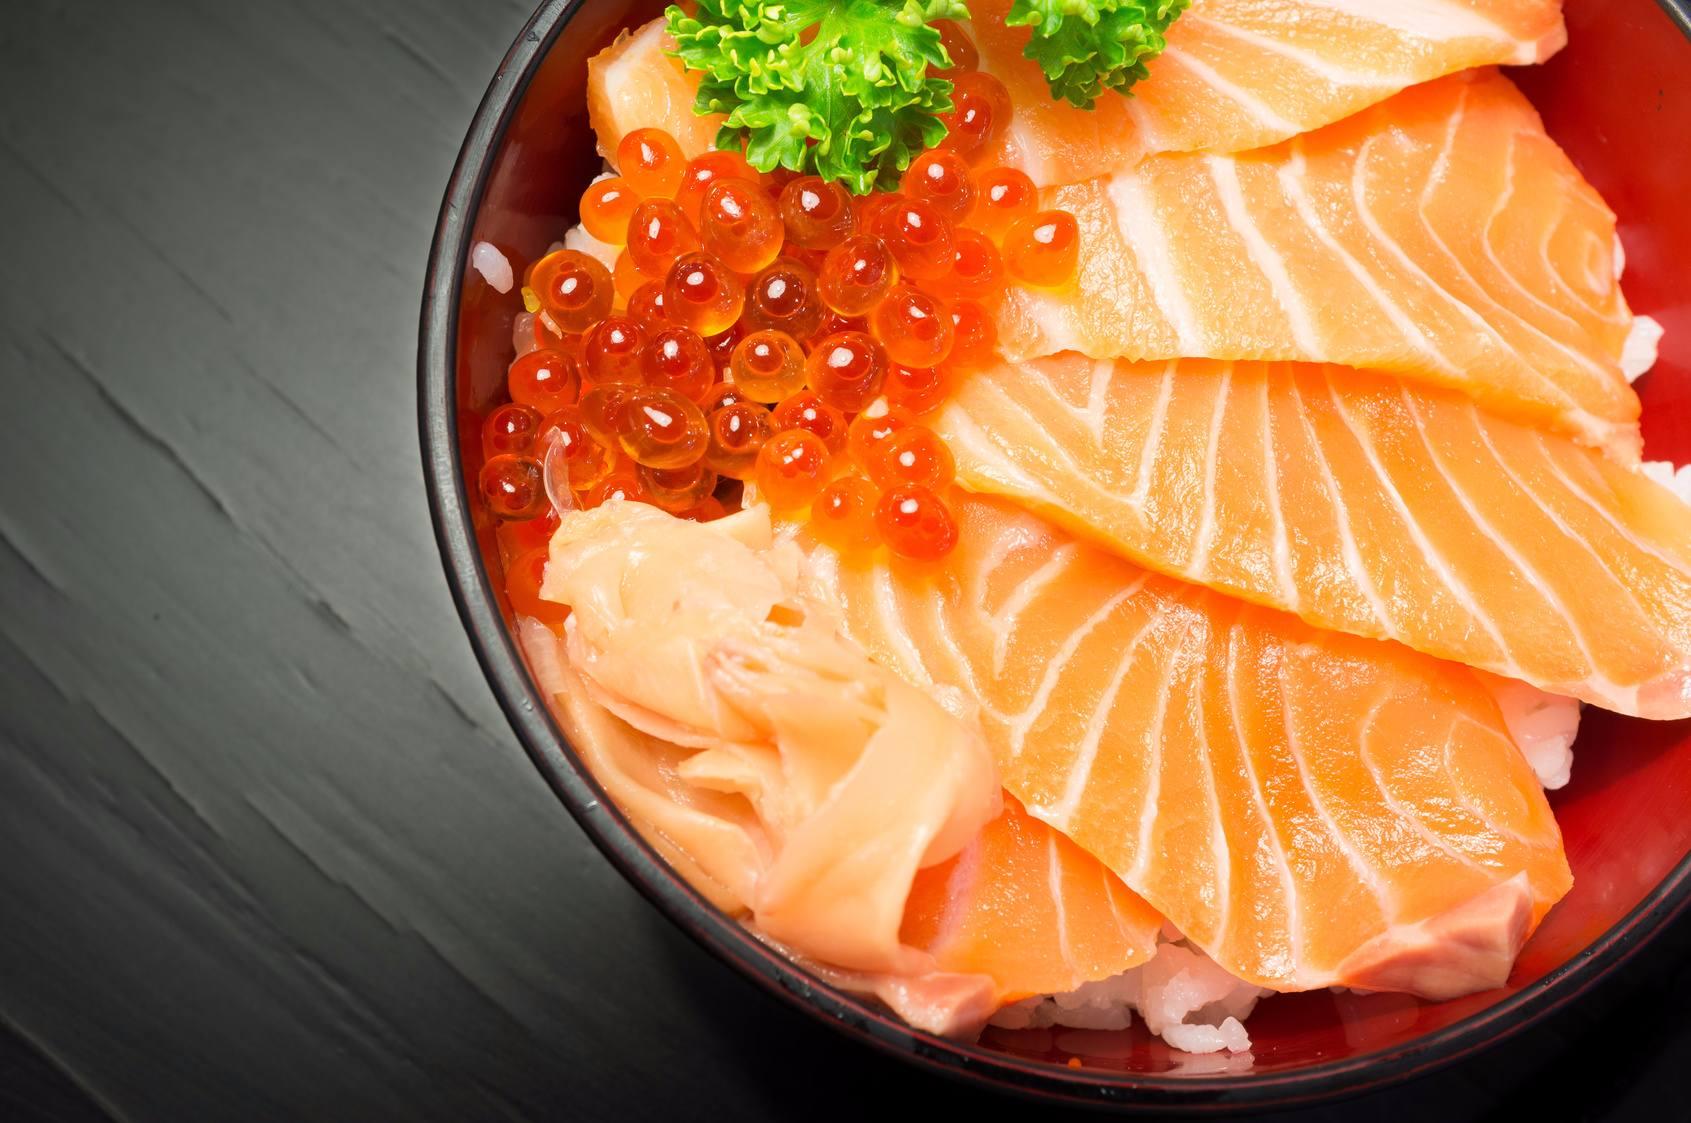 第三站:札嘎其市場 자갈치시장  以沿海城市聞名的釜山怎麼能不品嚐海鮮美食呢!?札嘎其市場為釜山著名的魚市場,若是想要品嚐最新鮮的海鮮料理,絕對不能錯過。